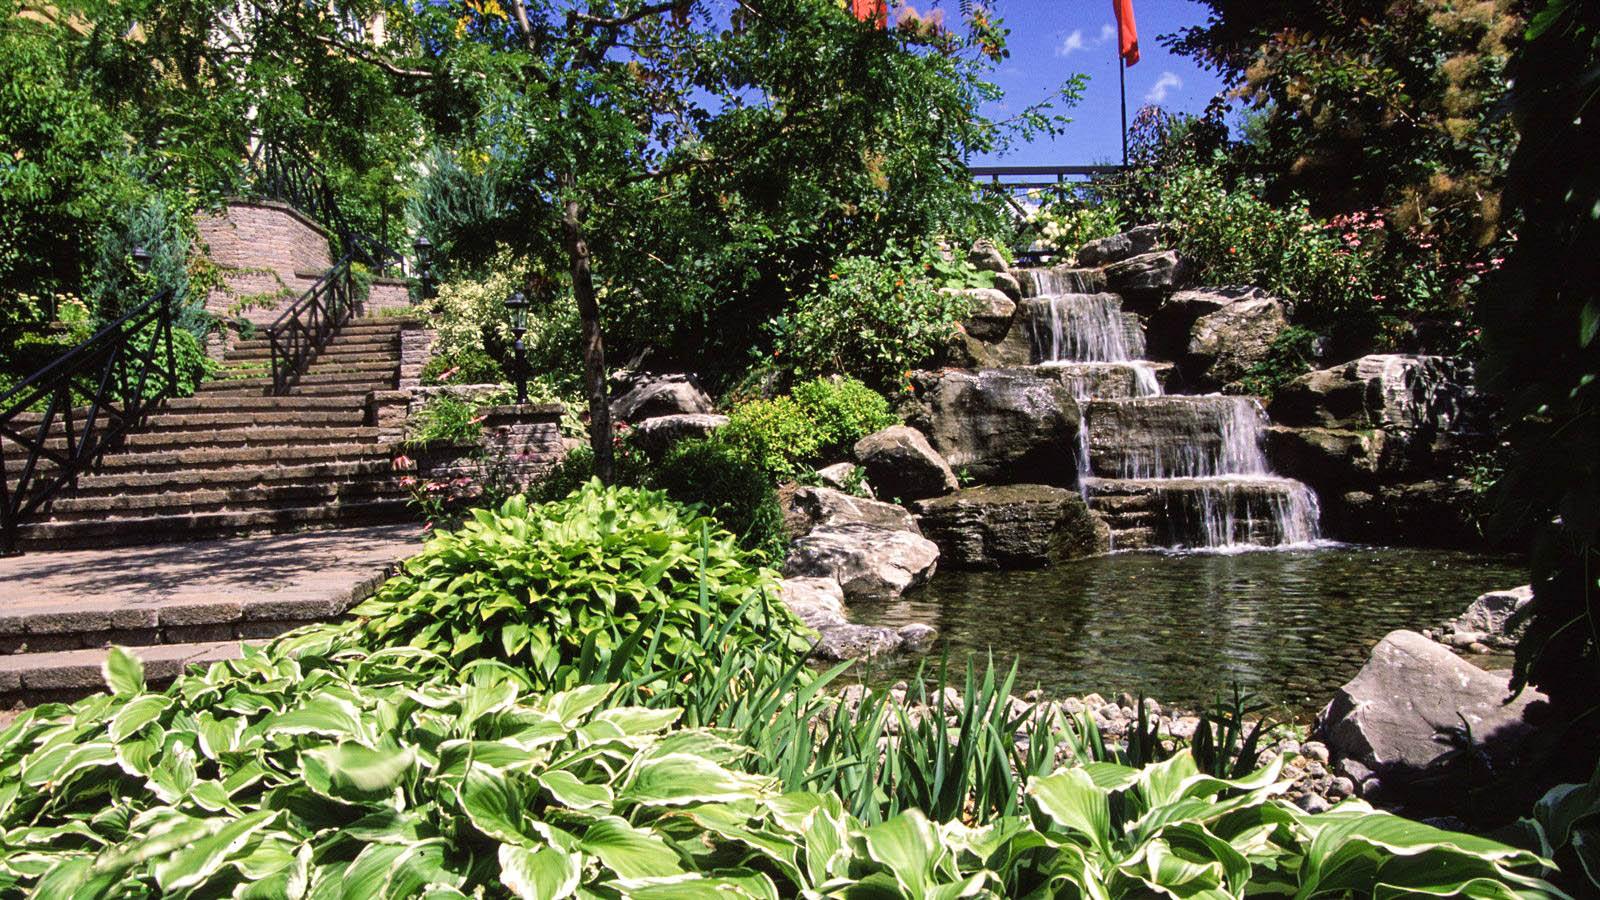 Comment Faire Son Jardin D'eau : Trucs Et Astuces Pour ... avec Faire Un Jardin Japonais Facile